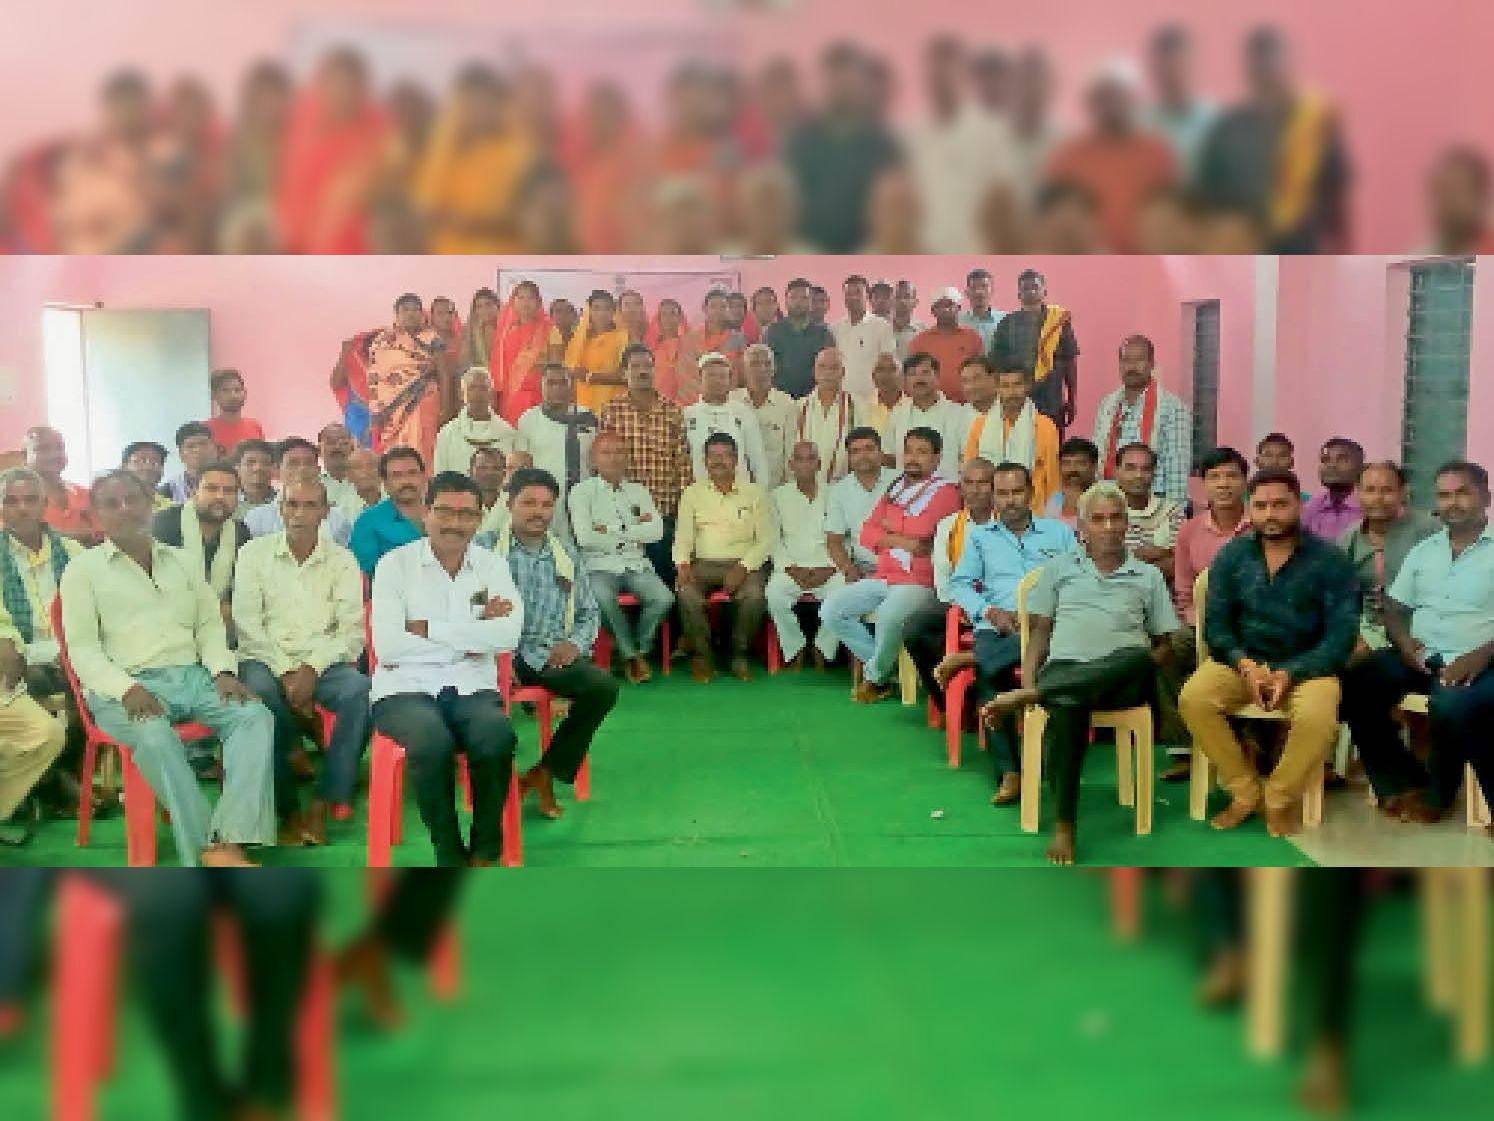 बैठक में उपस्थित ग्रामीण व ग्राम विकास समिति के पदाधिकारी। - Dainik Bhaskar